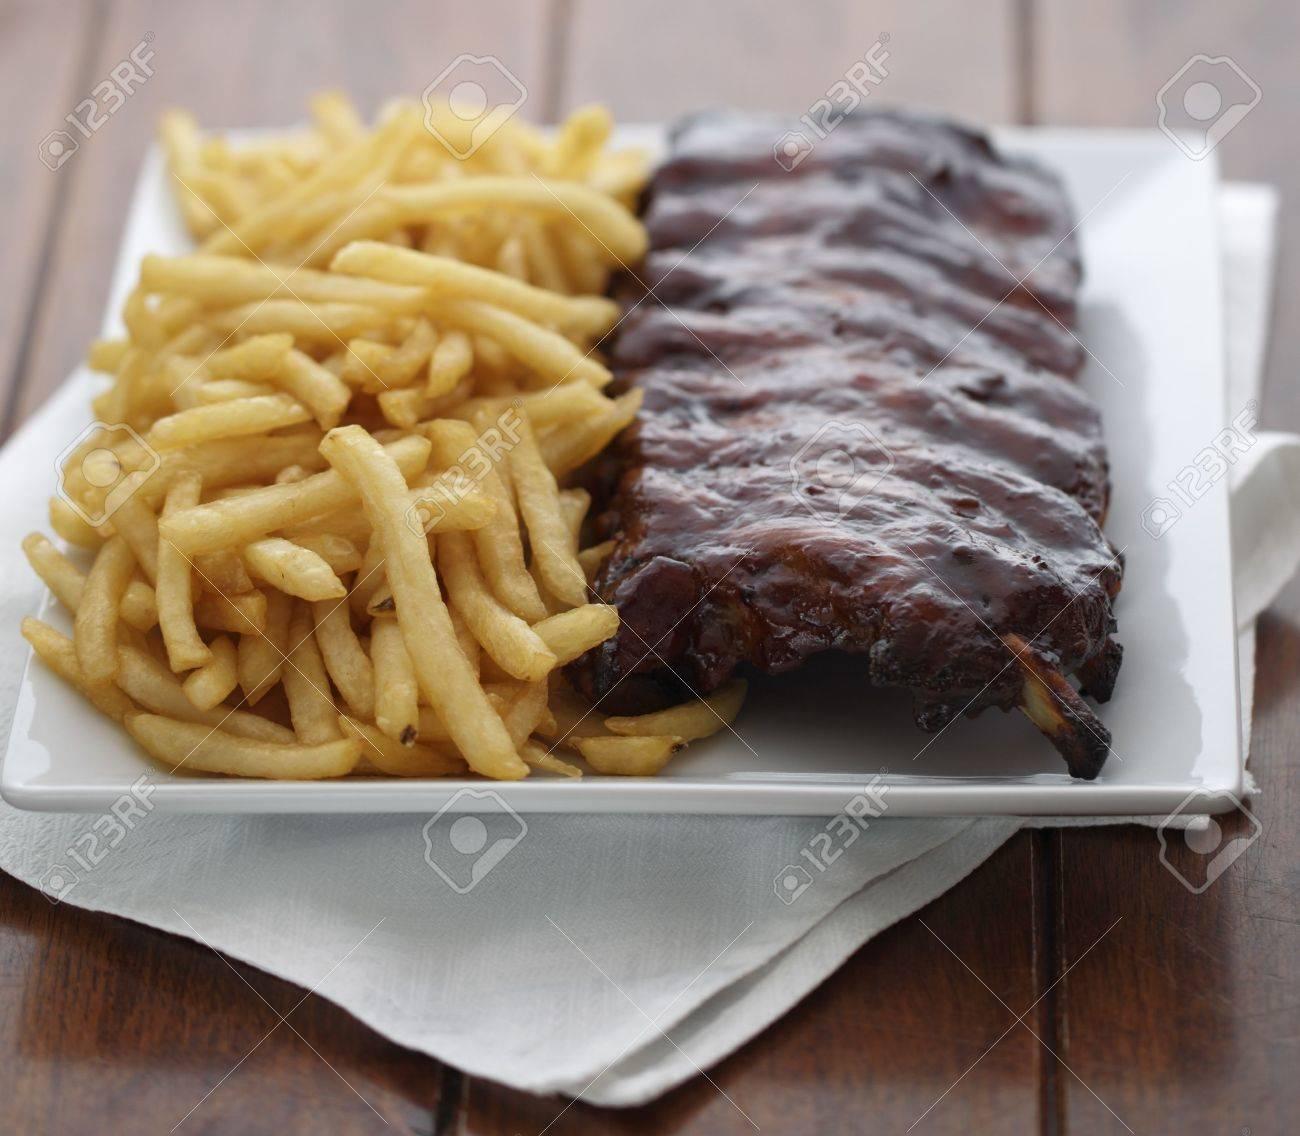 Côtes Au Four Avec Frites Français Sur Le Côté Farines De Viande Faible Profondeur De Champ